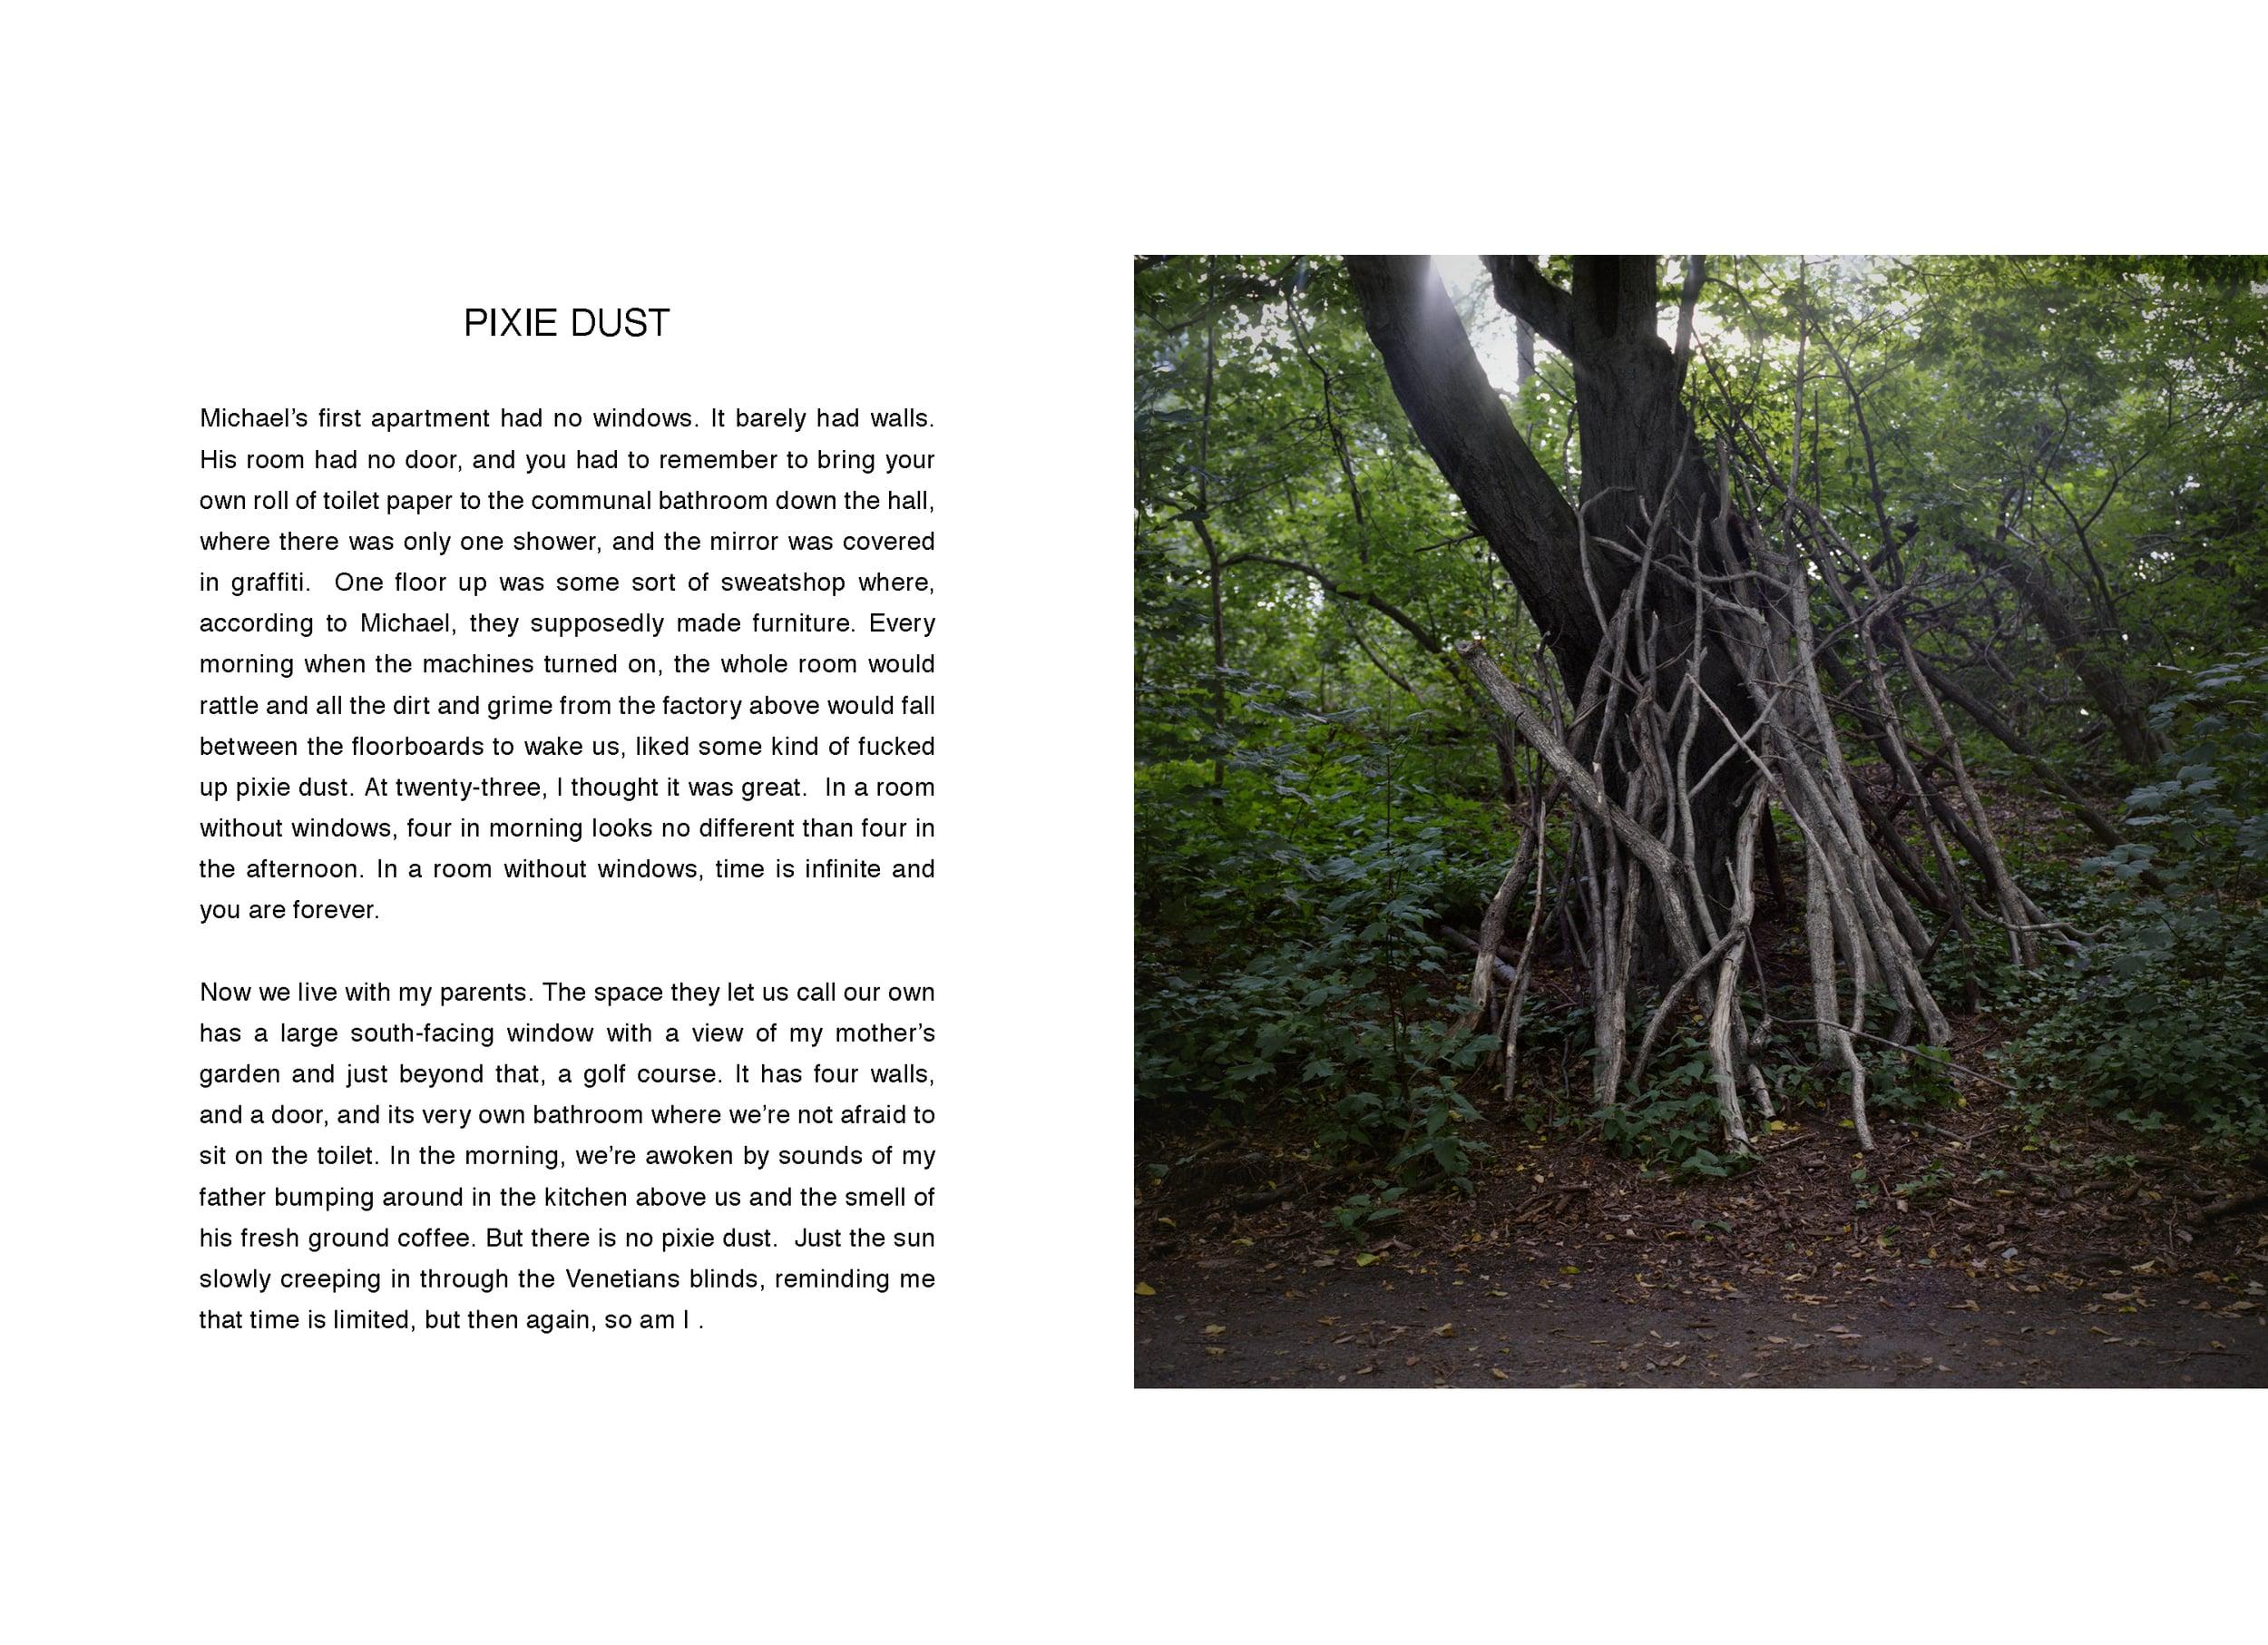 BOOK216.jpg